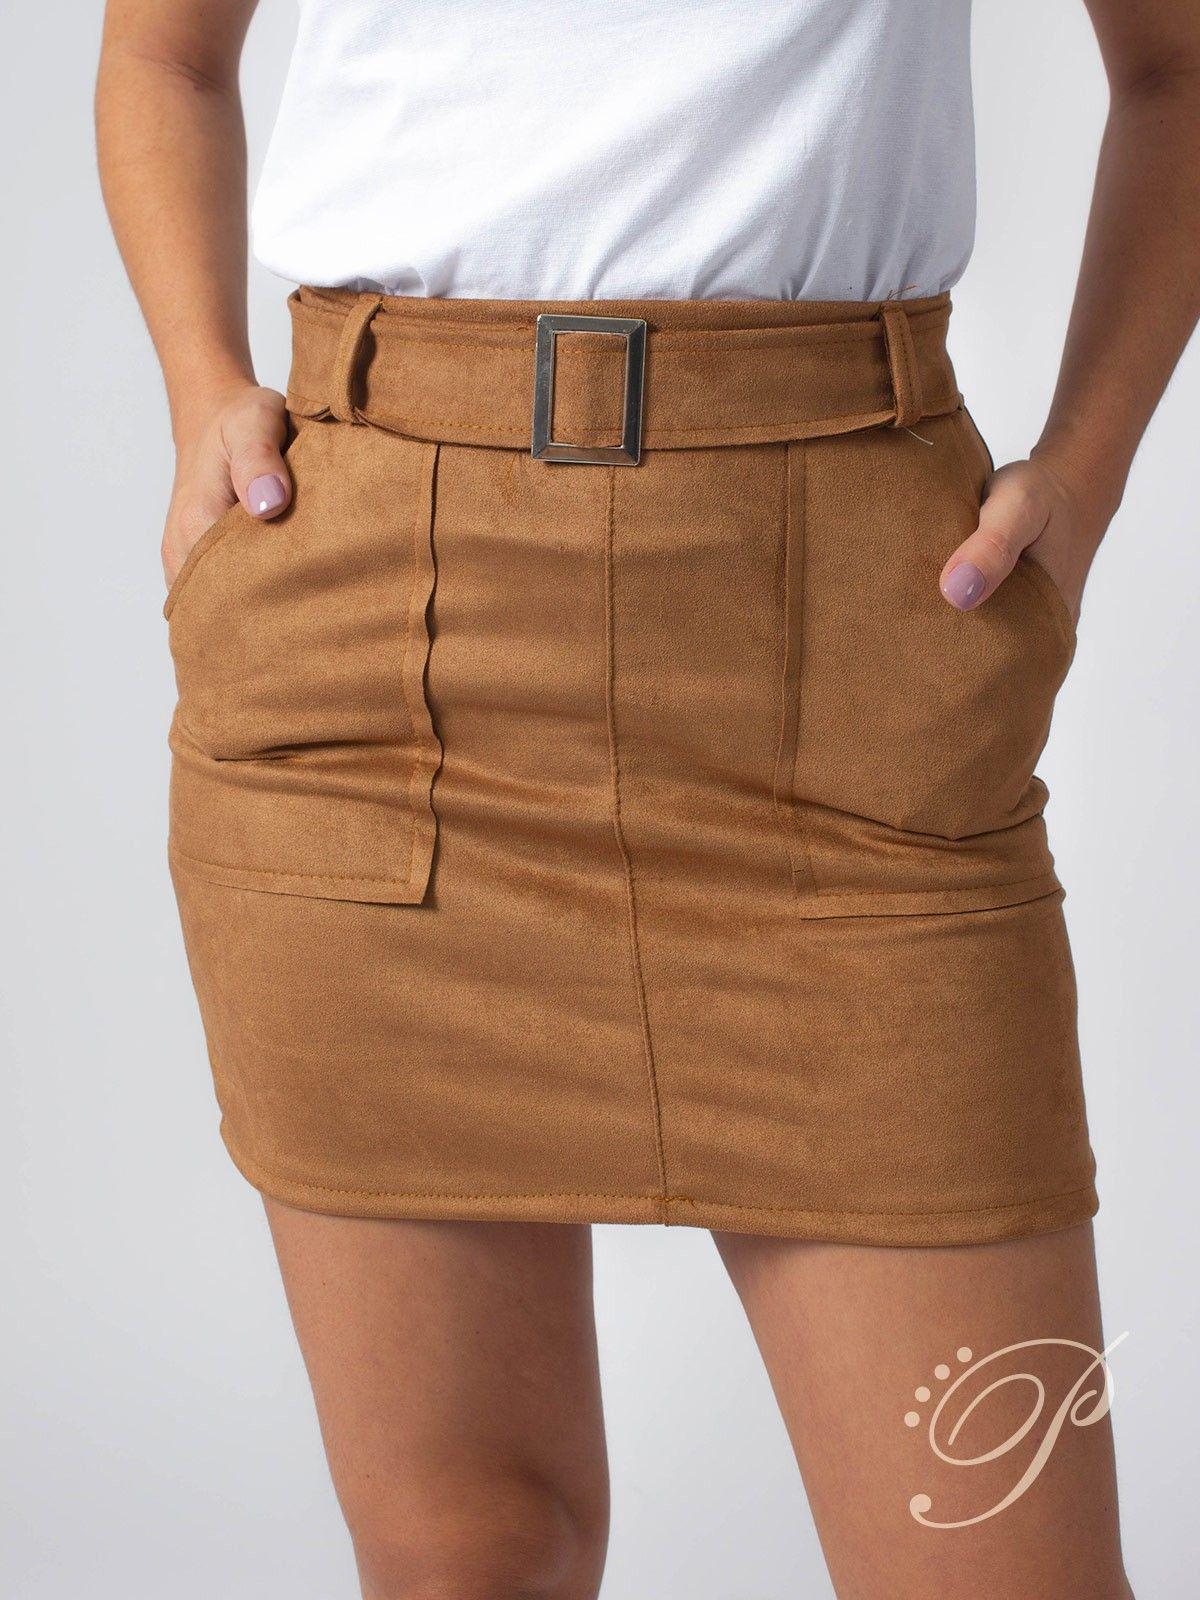 76b323cee Pin de Nidia Flores en Modas en 2019 | Faldas, Mini falda cuero y ...